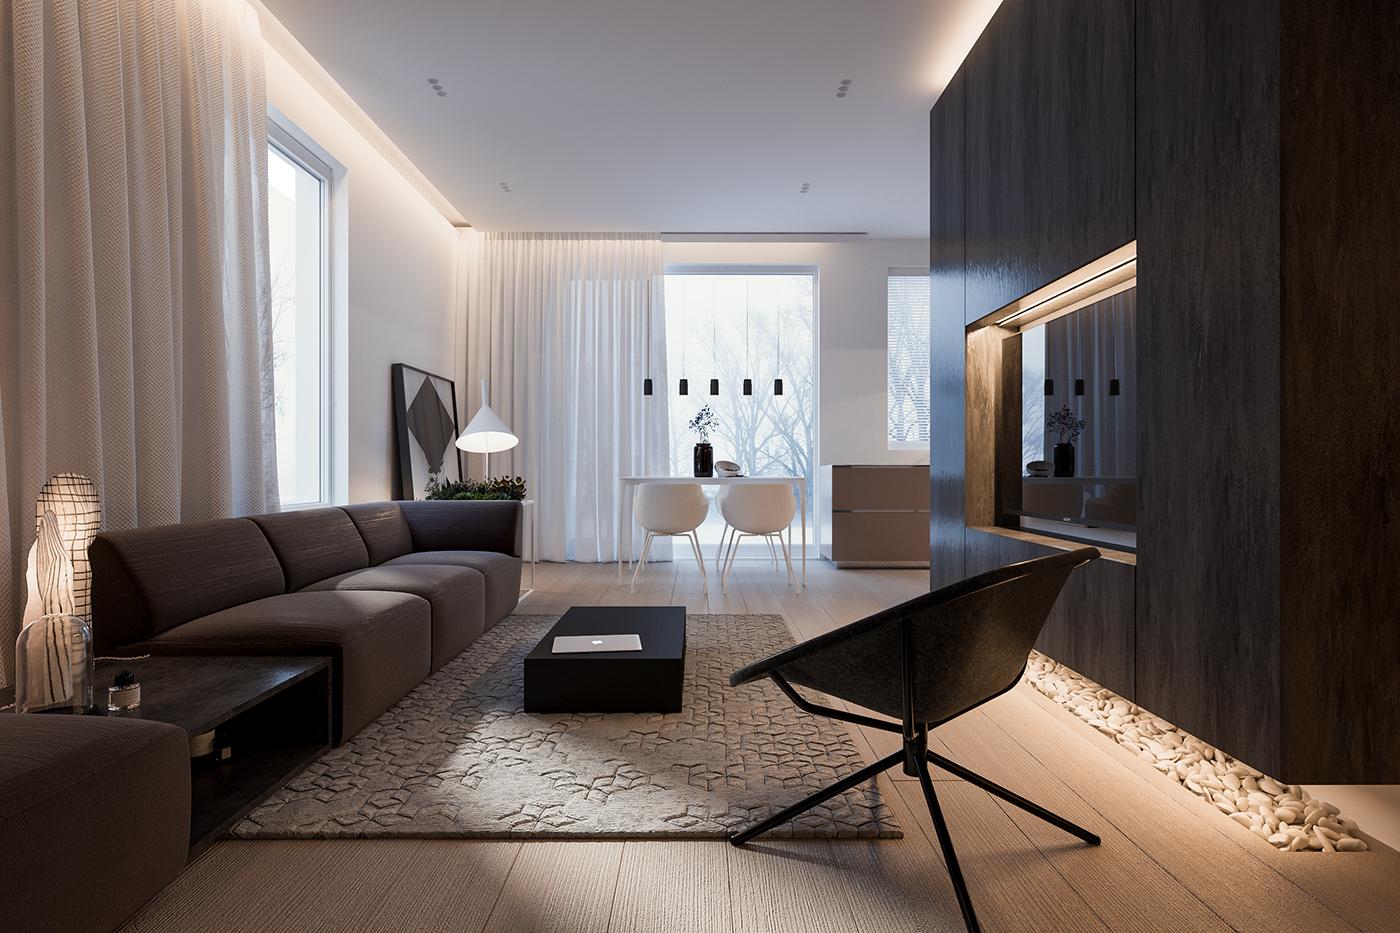 Дизайн квартиры в стиле минимализм (52 фото)